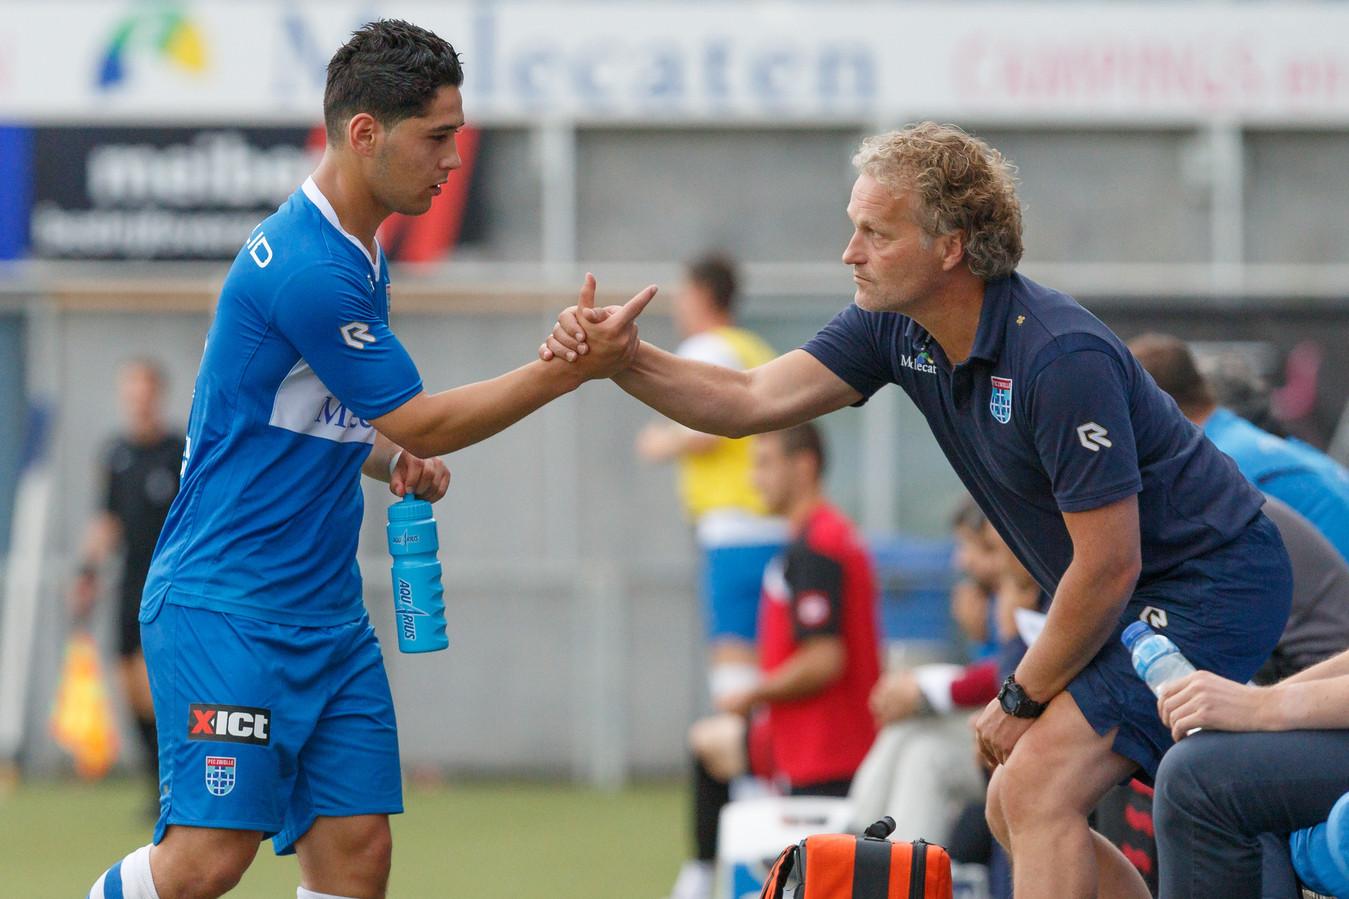 Anass Achahbar (links) in de zomer van 2016, toen de spits net door PEC Zwolle was vastgelegd. Het huwelijk liep op niets uit.